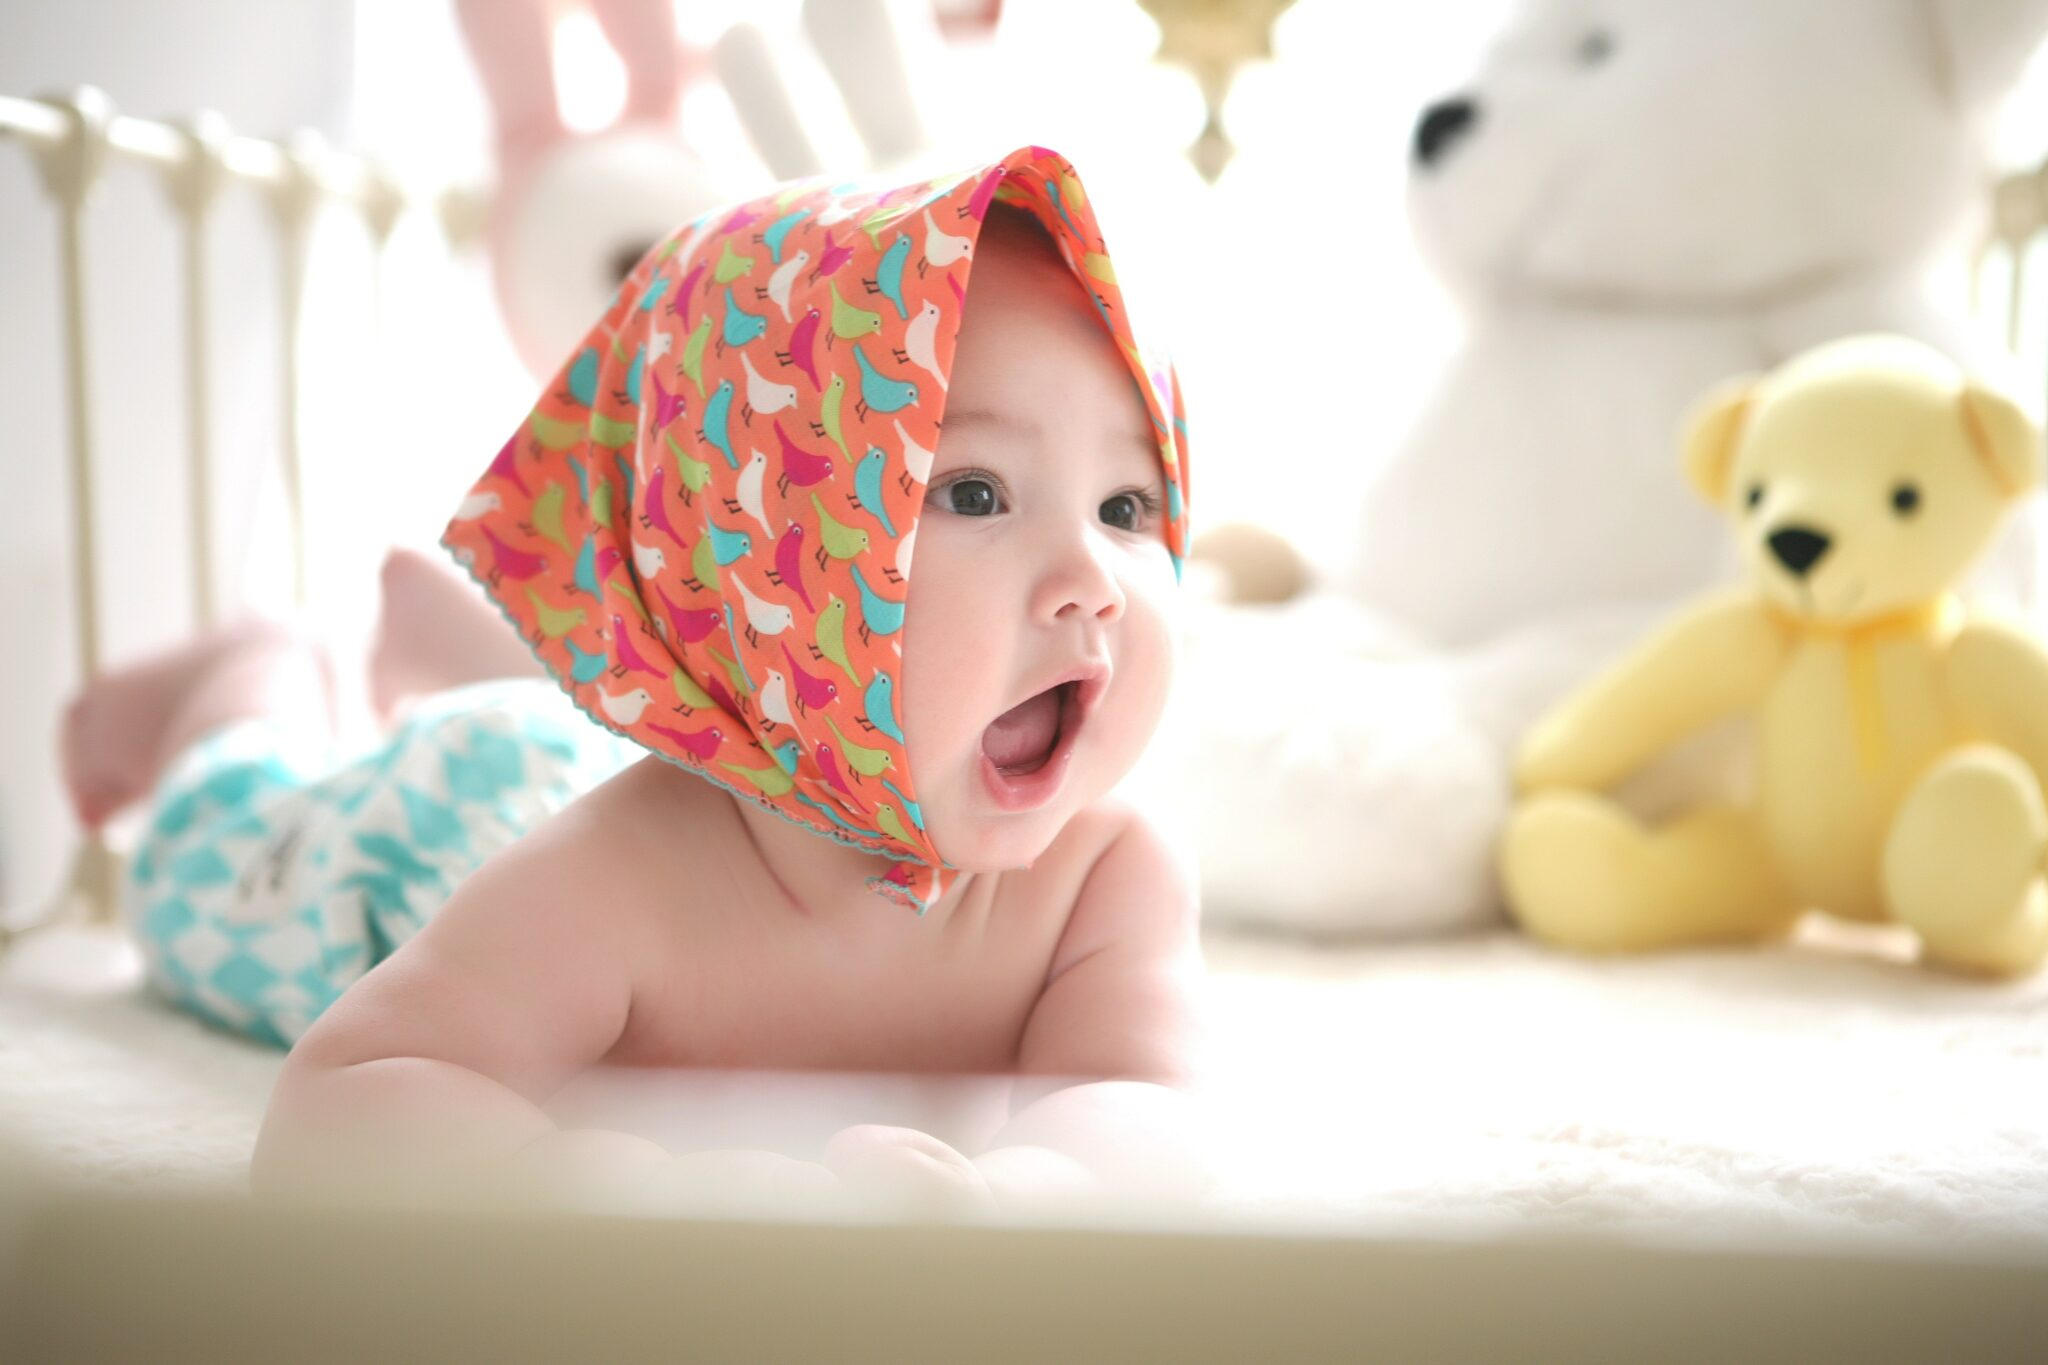 baby_pexels_2